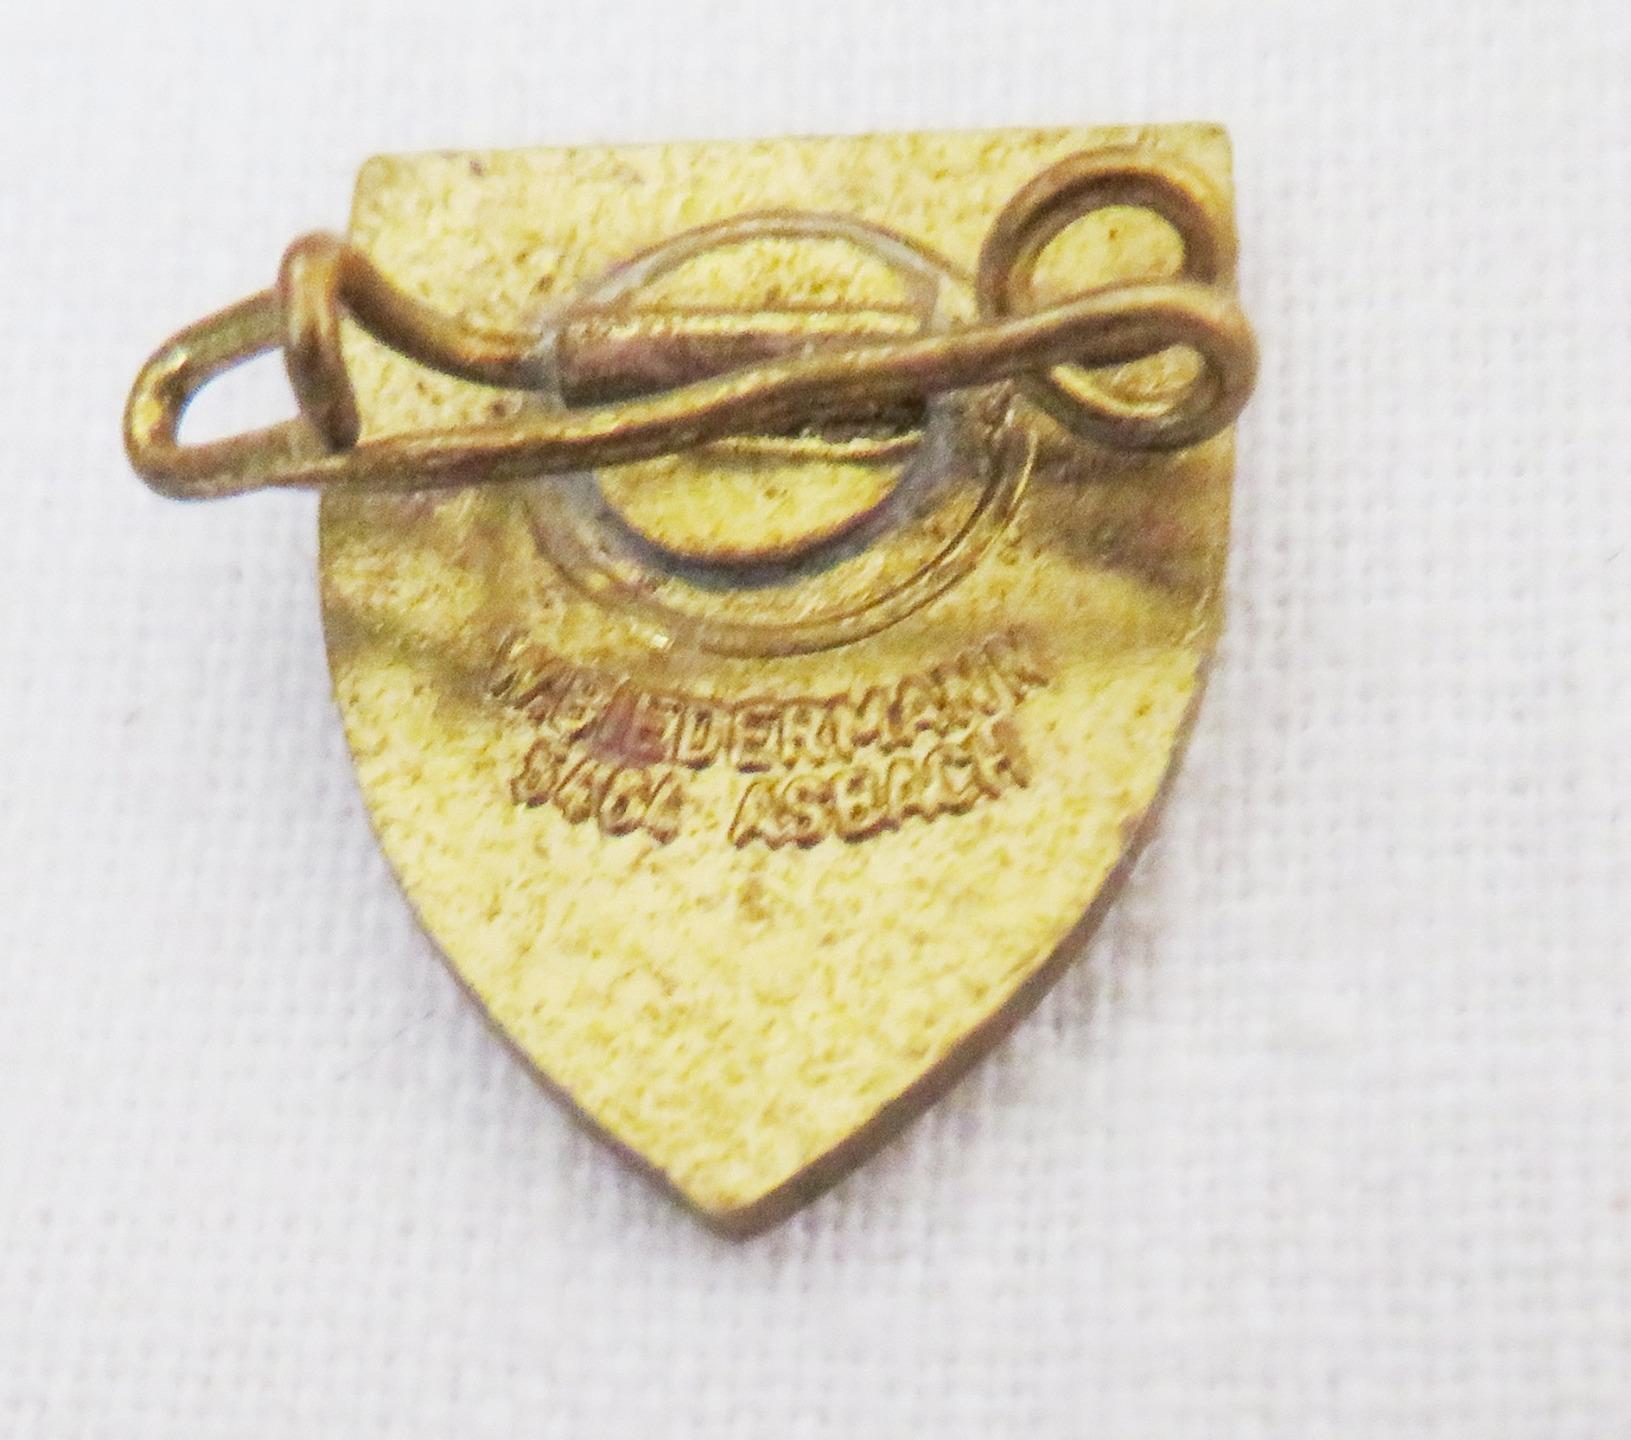 vintage duisburg germany souvenir pin ebay. Black Bedroom Furniture Sets. Home Design Ideas